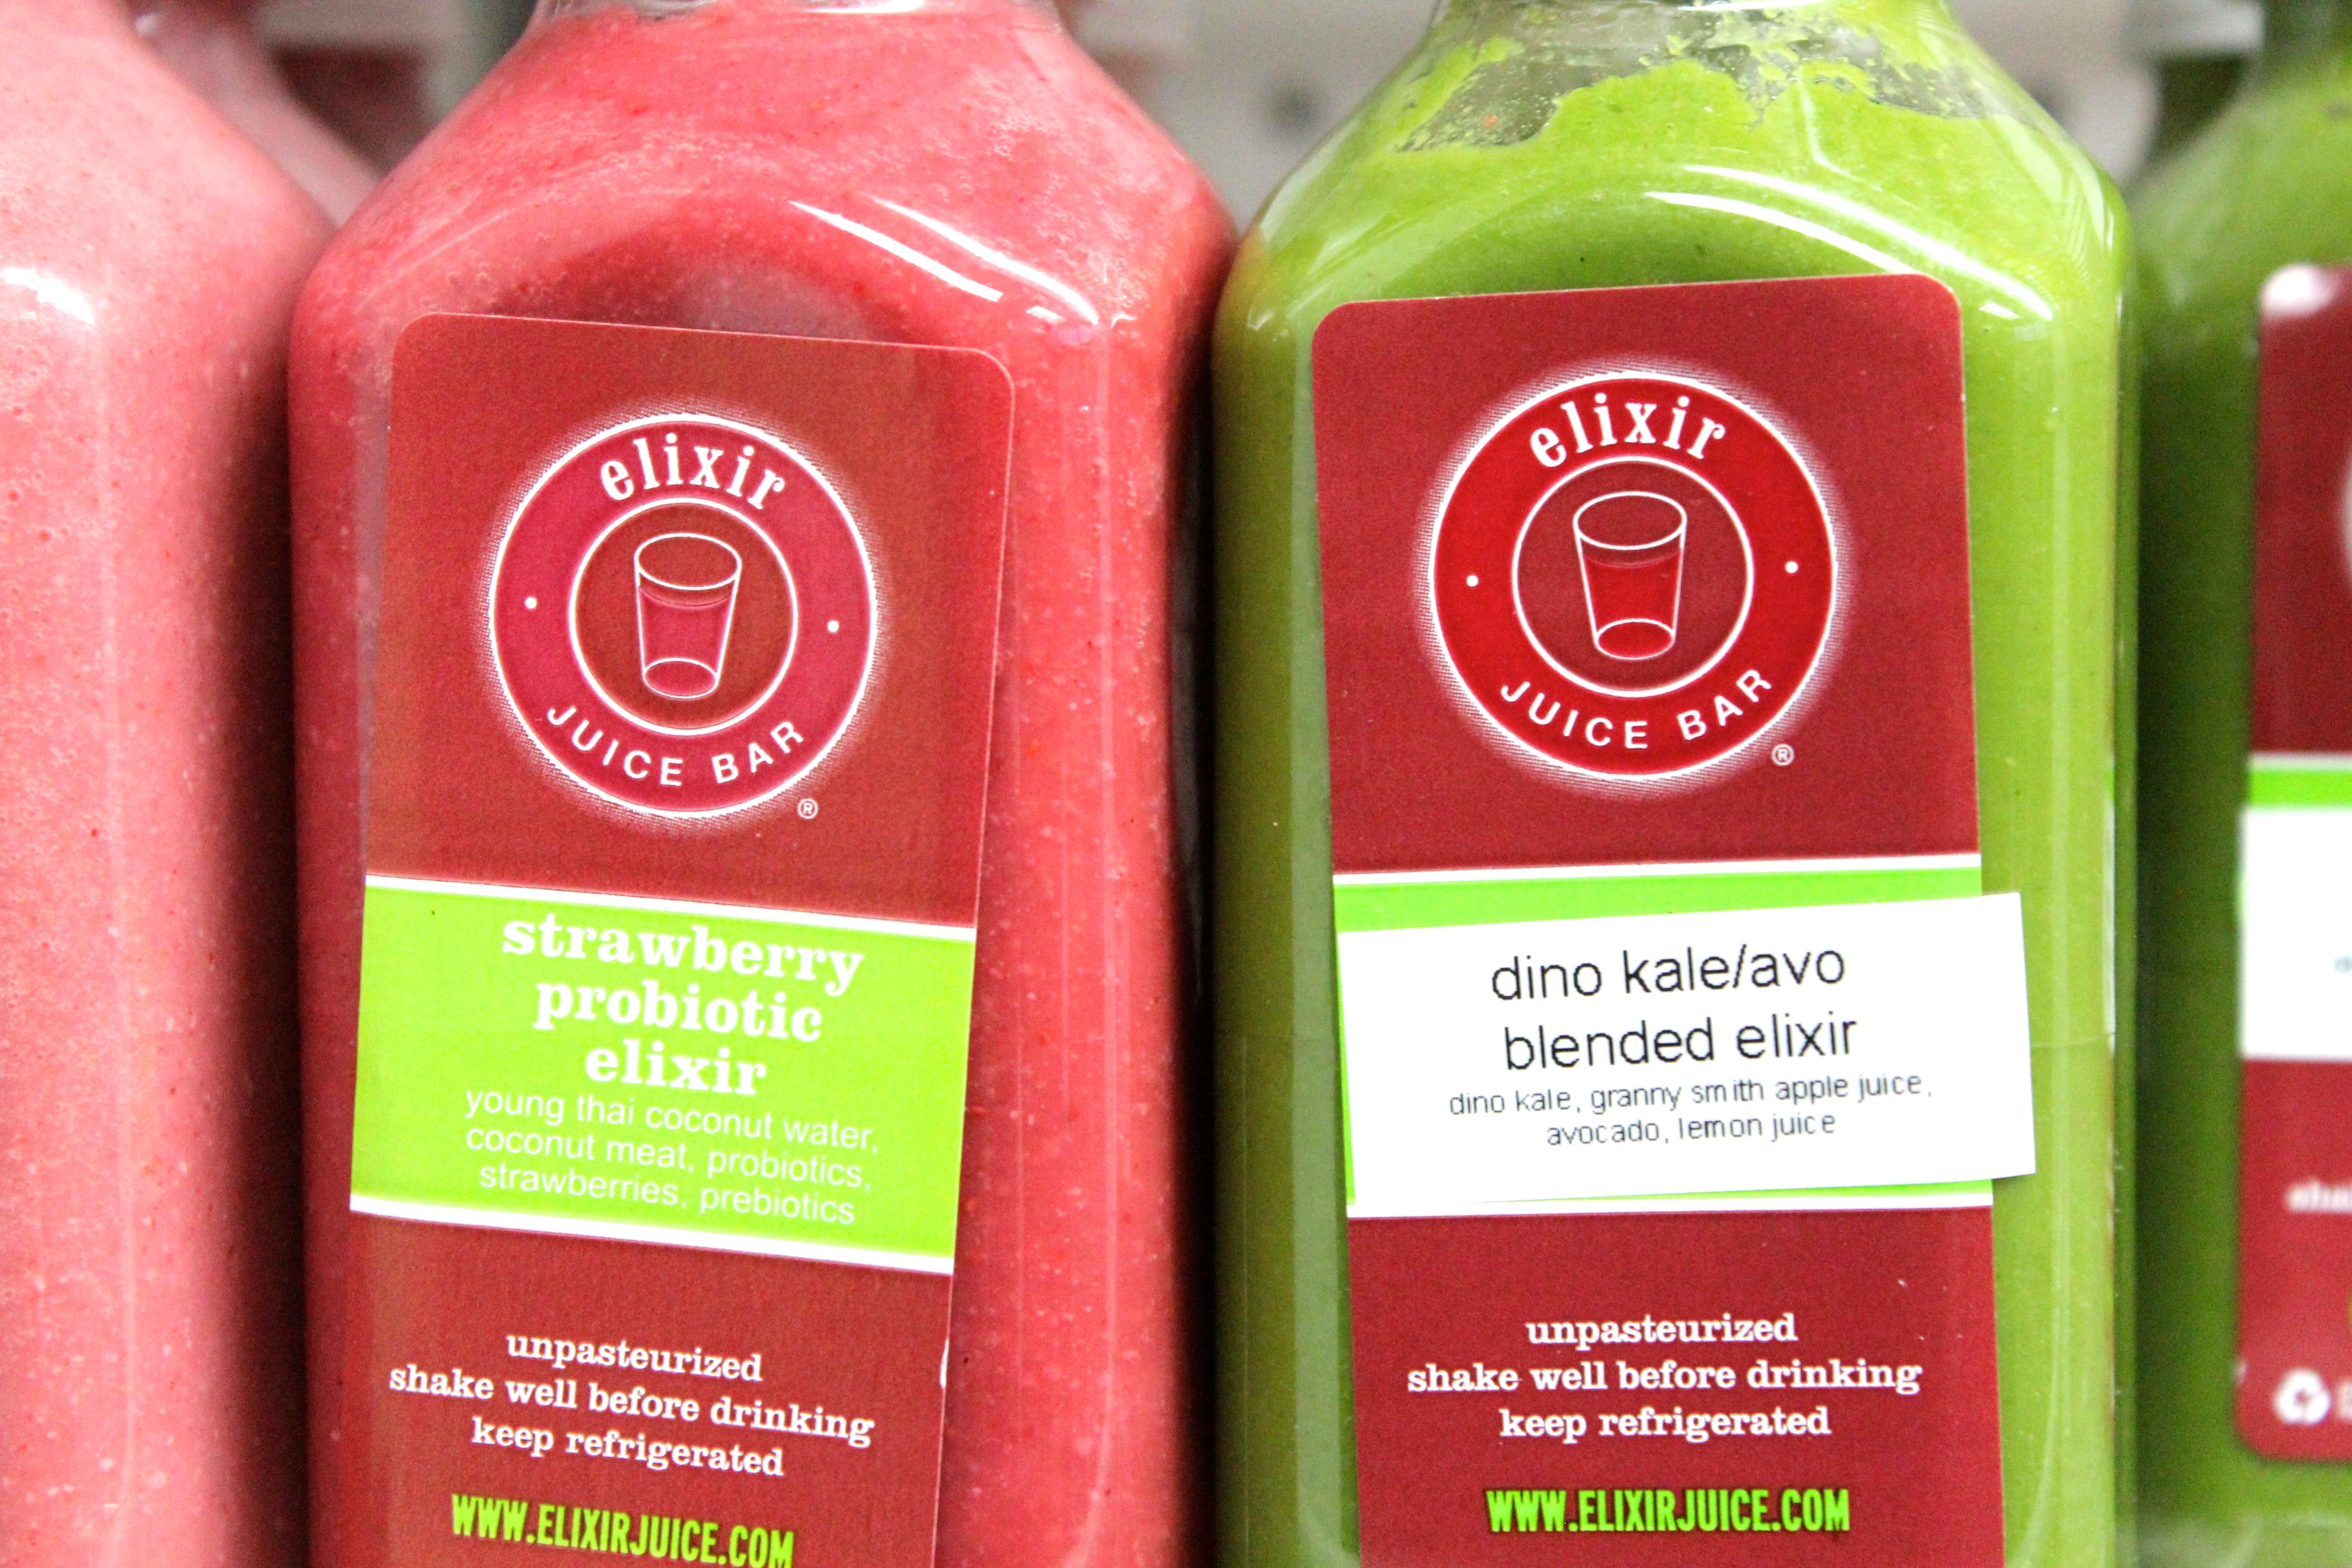 Elixir Juice Bar: Best of Juices | New York Bites